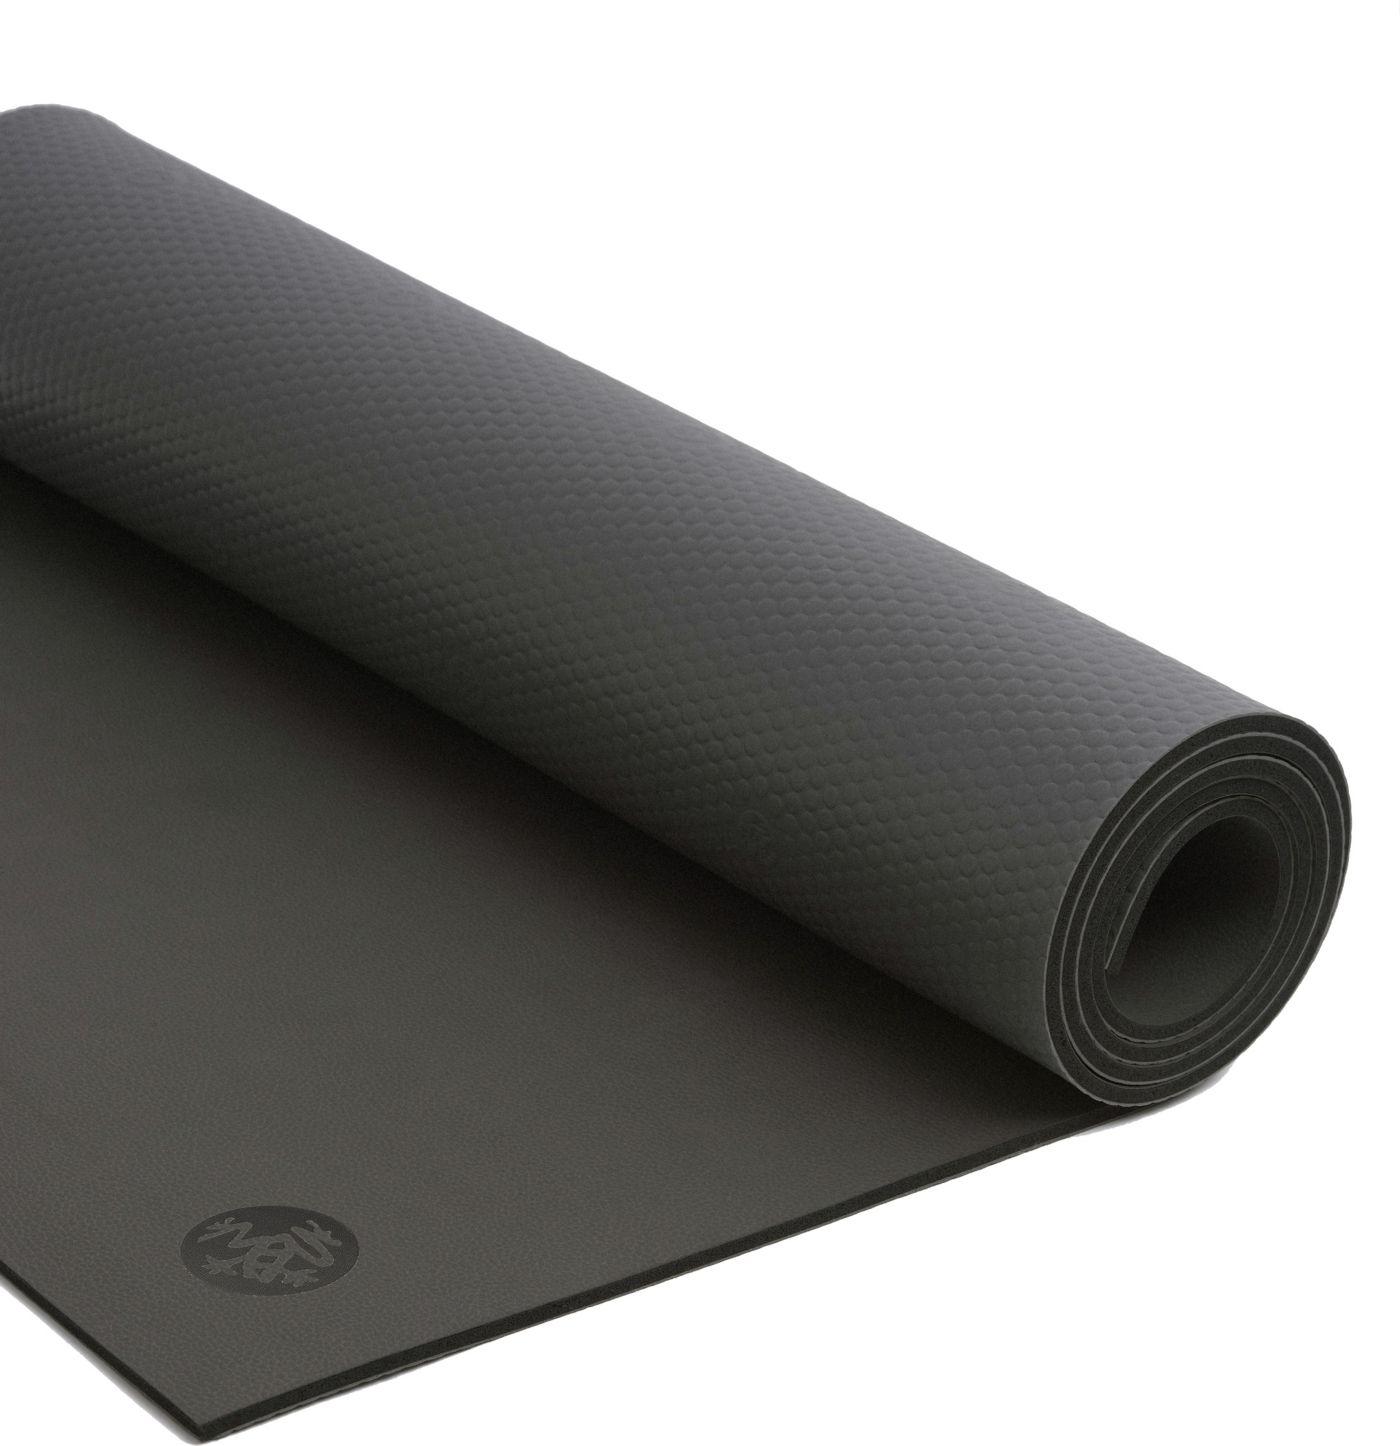 Manduka GRP 6mm Yoga Mat